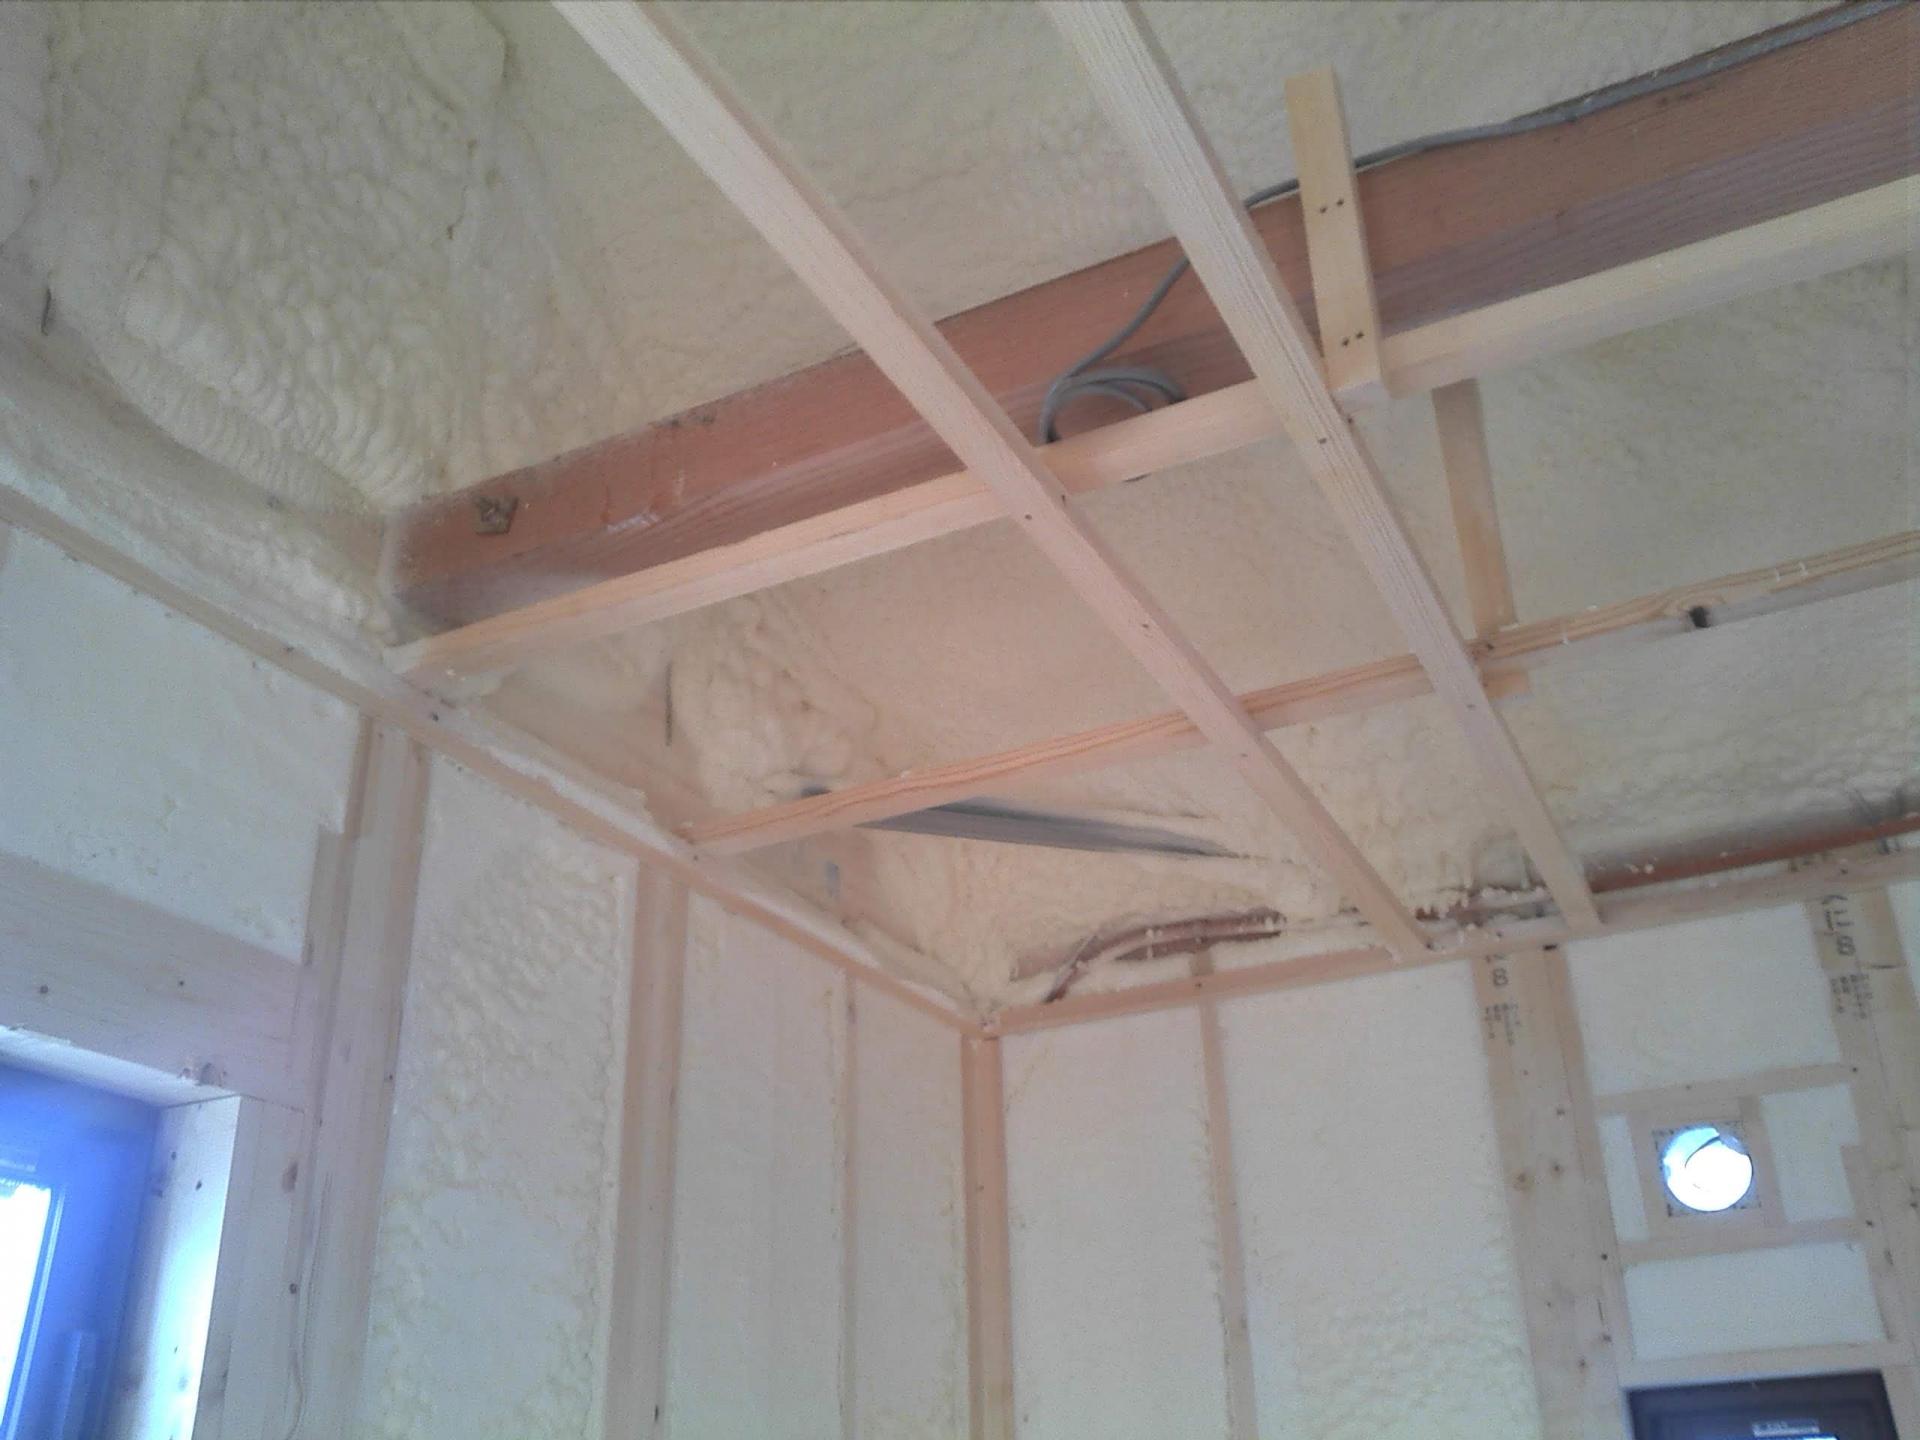 暑さ対策には屋根の断熱が効果的!快適な家になる工事方法を解説